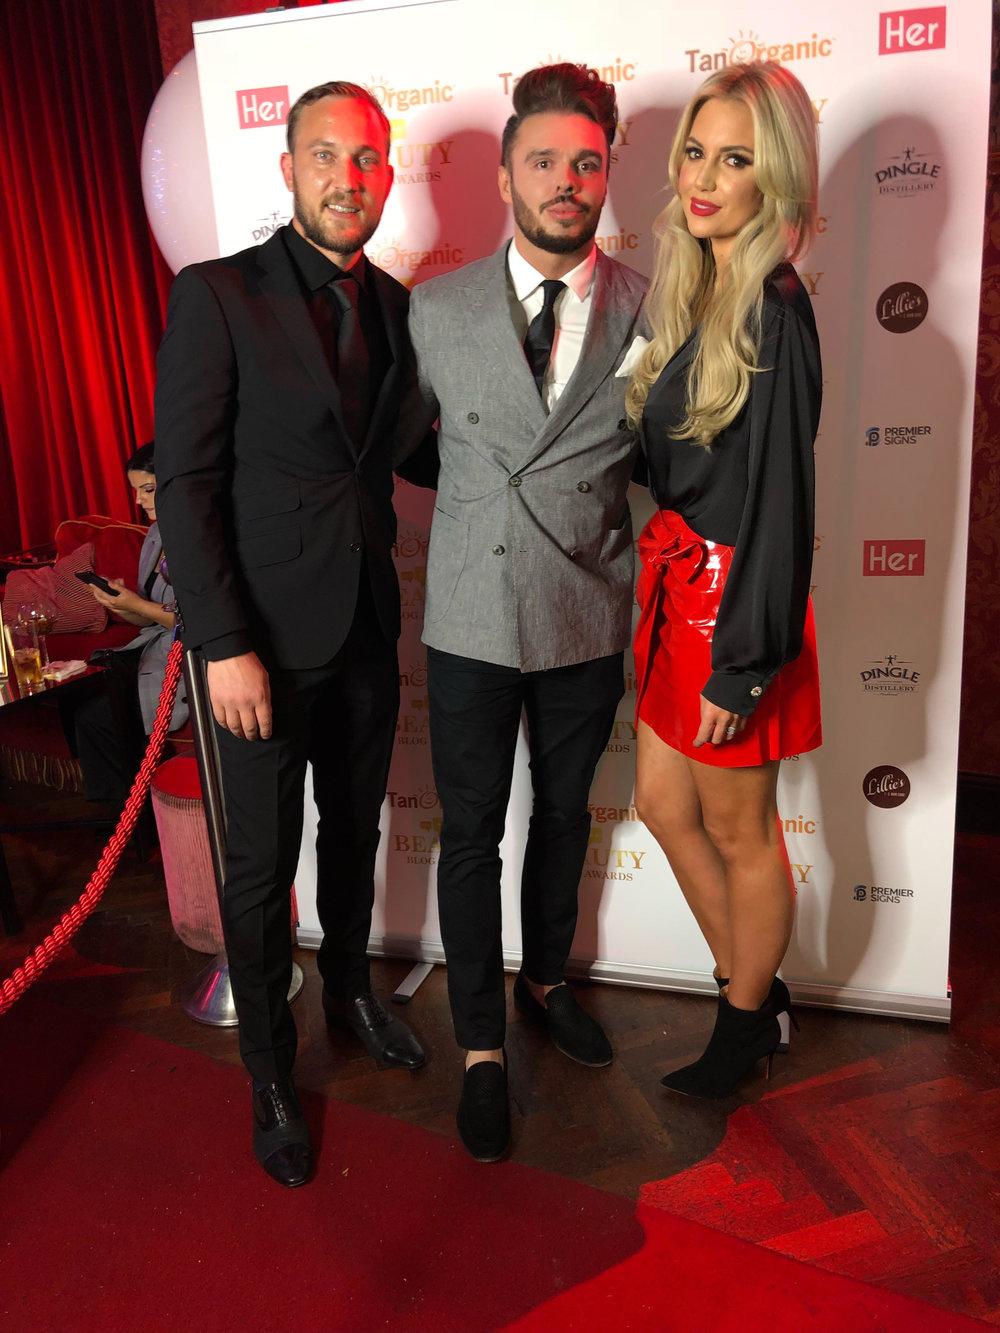 With Mateo Saina and Rosanna Davison at The Beauty Blog Awards